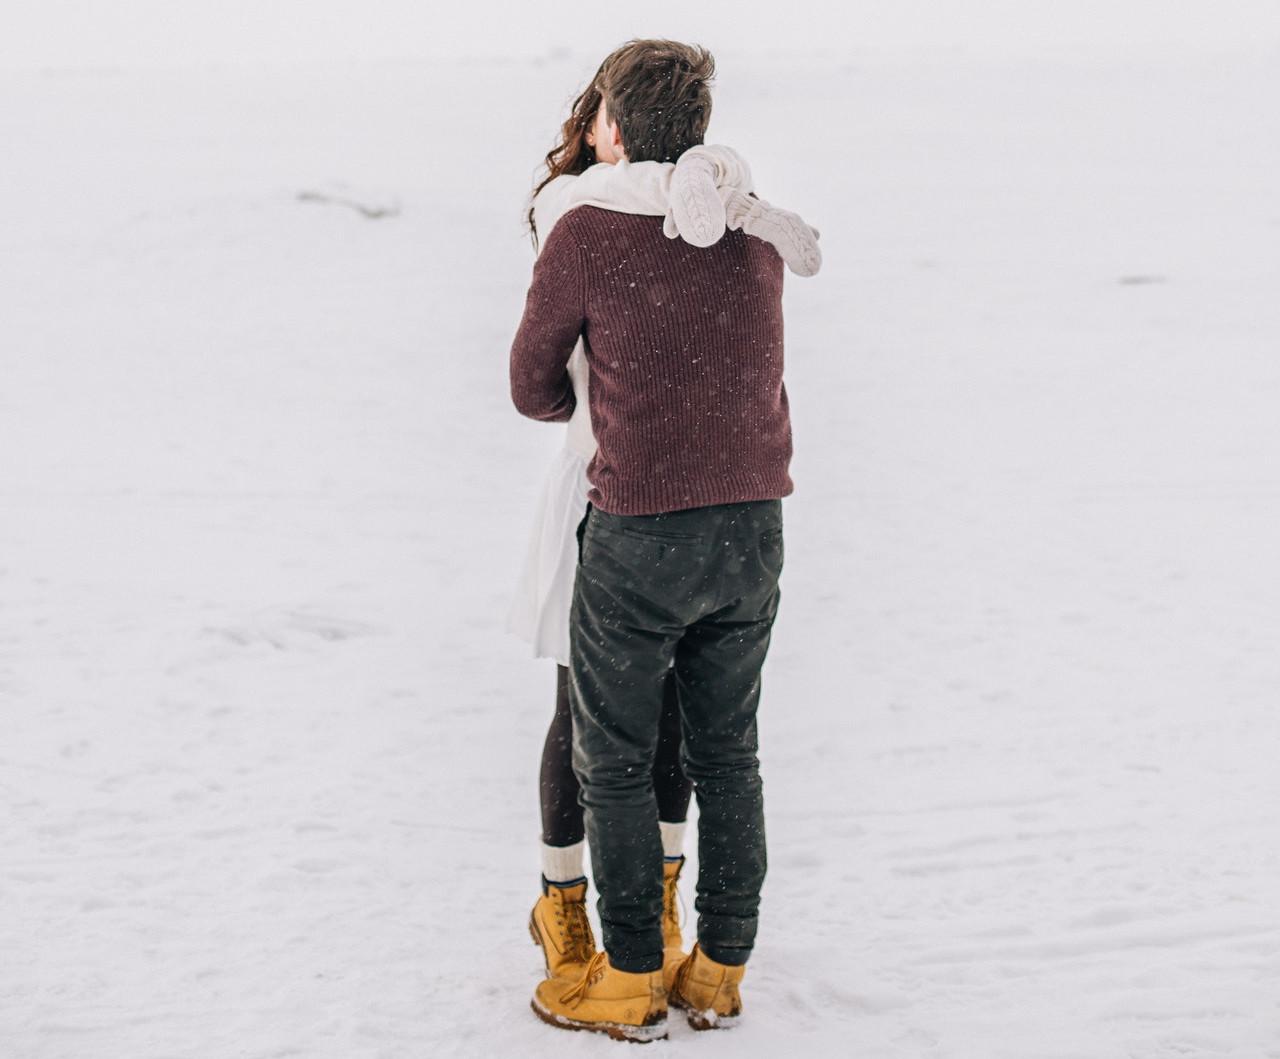 抱き合う2人